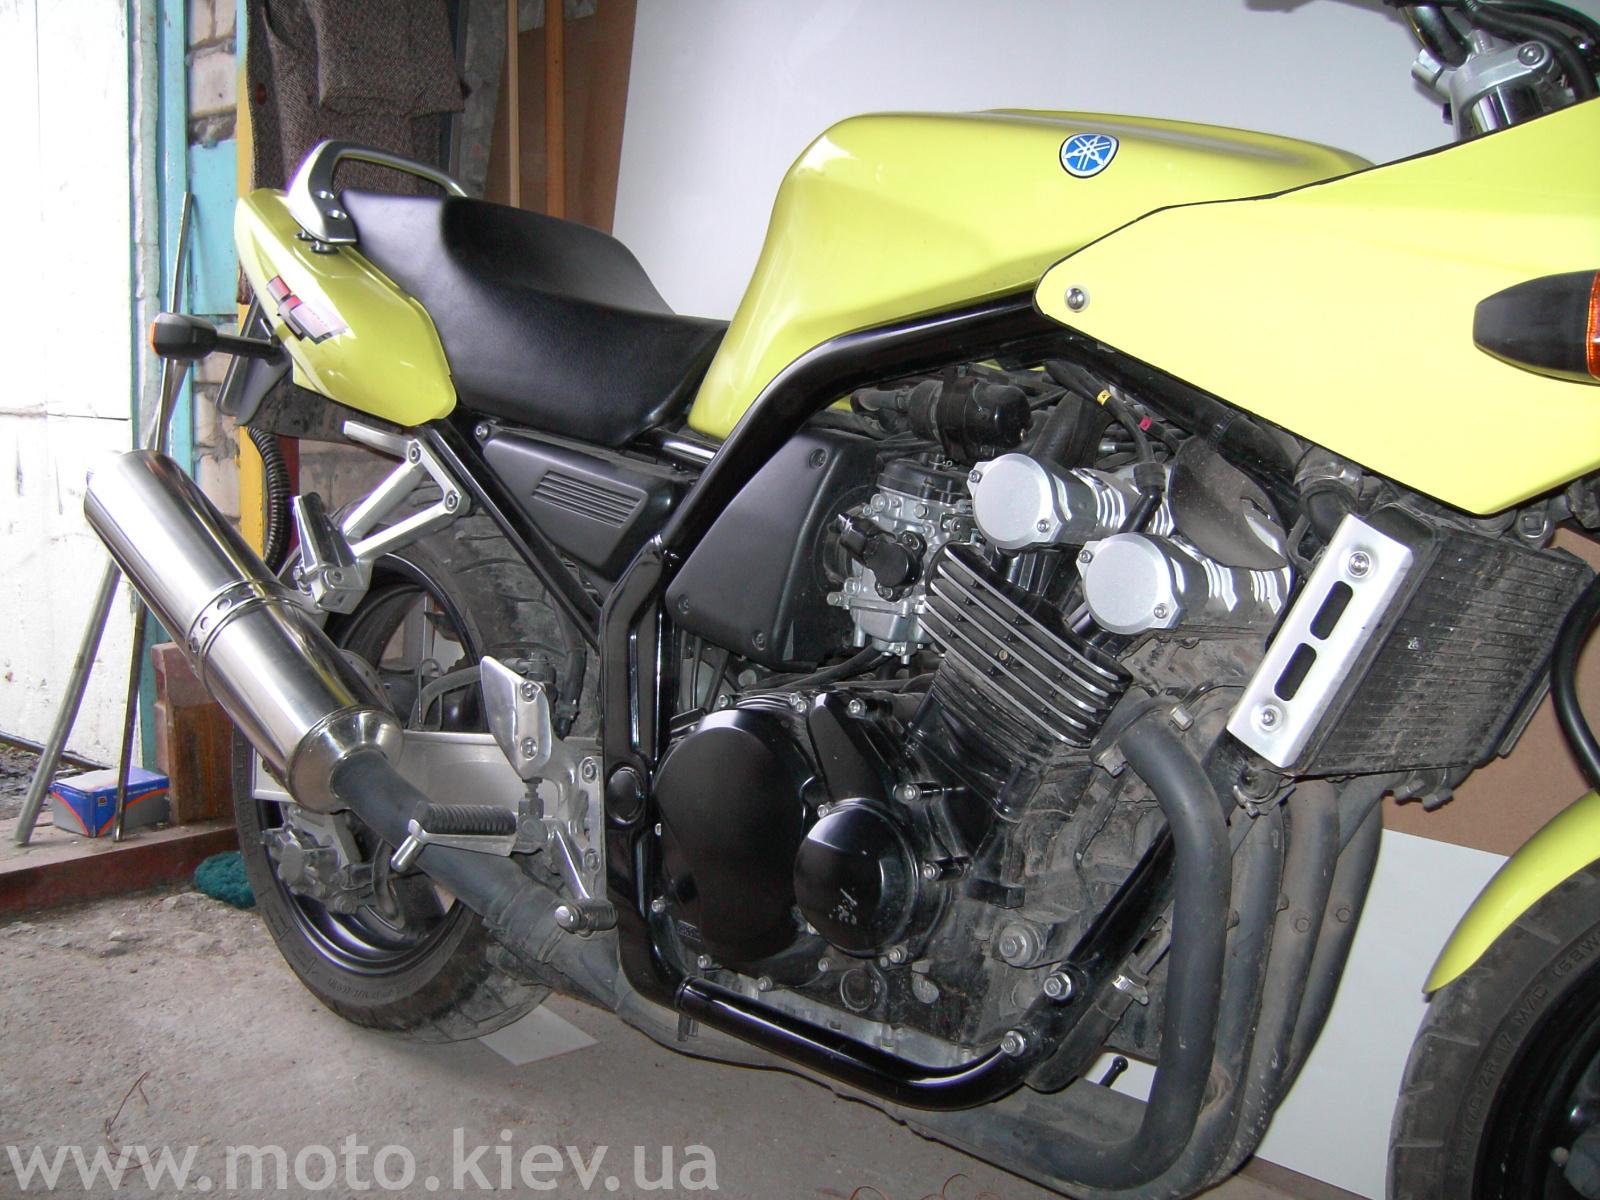 Мотоцикл - Yamaha Fazer 600 - 5000 USD - Продана мототехніка (Архів розділу...